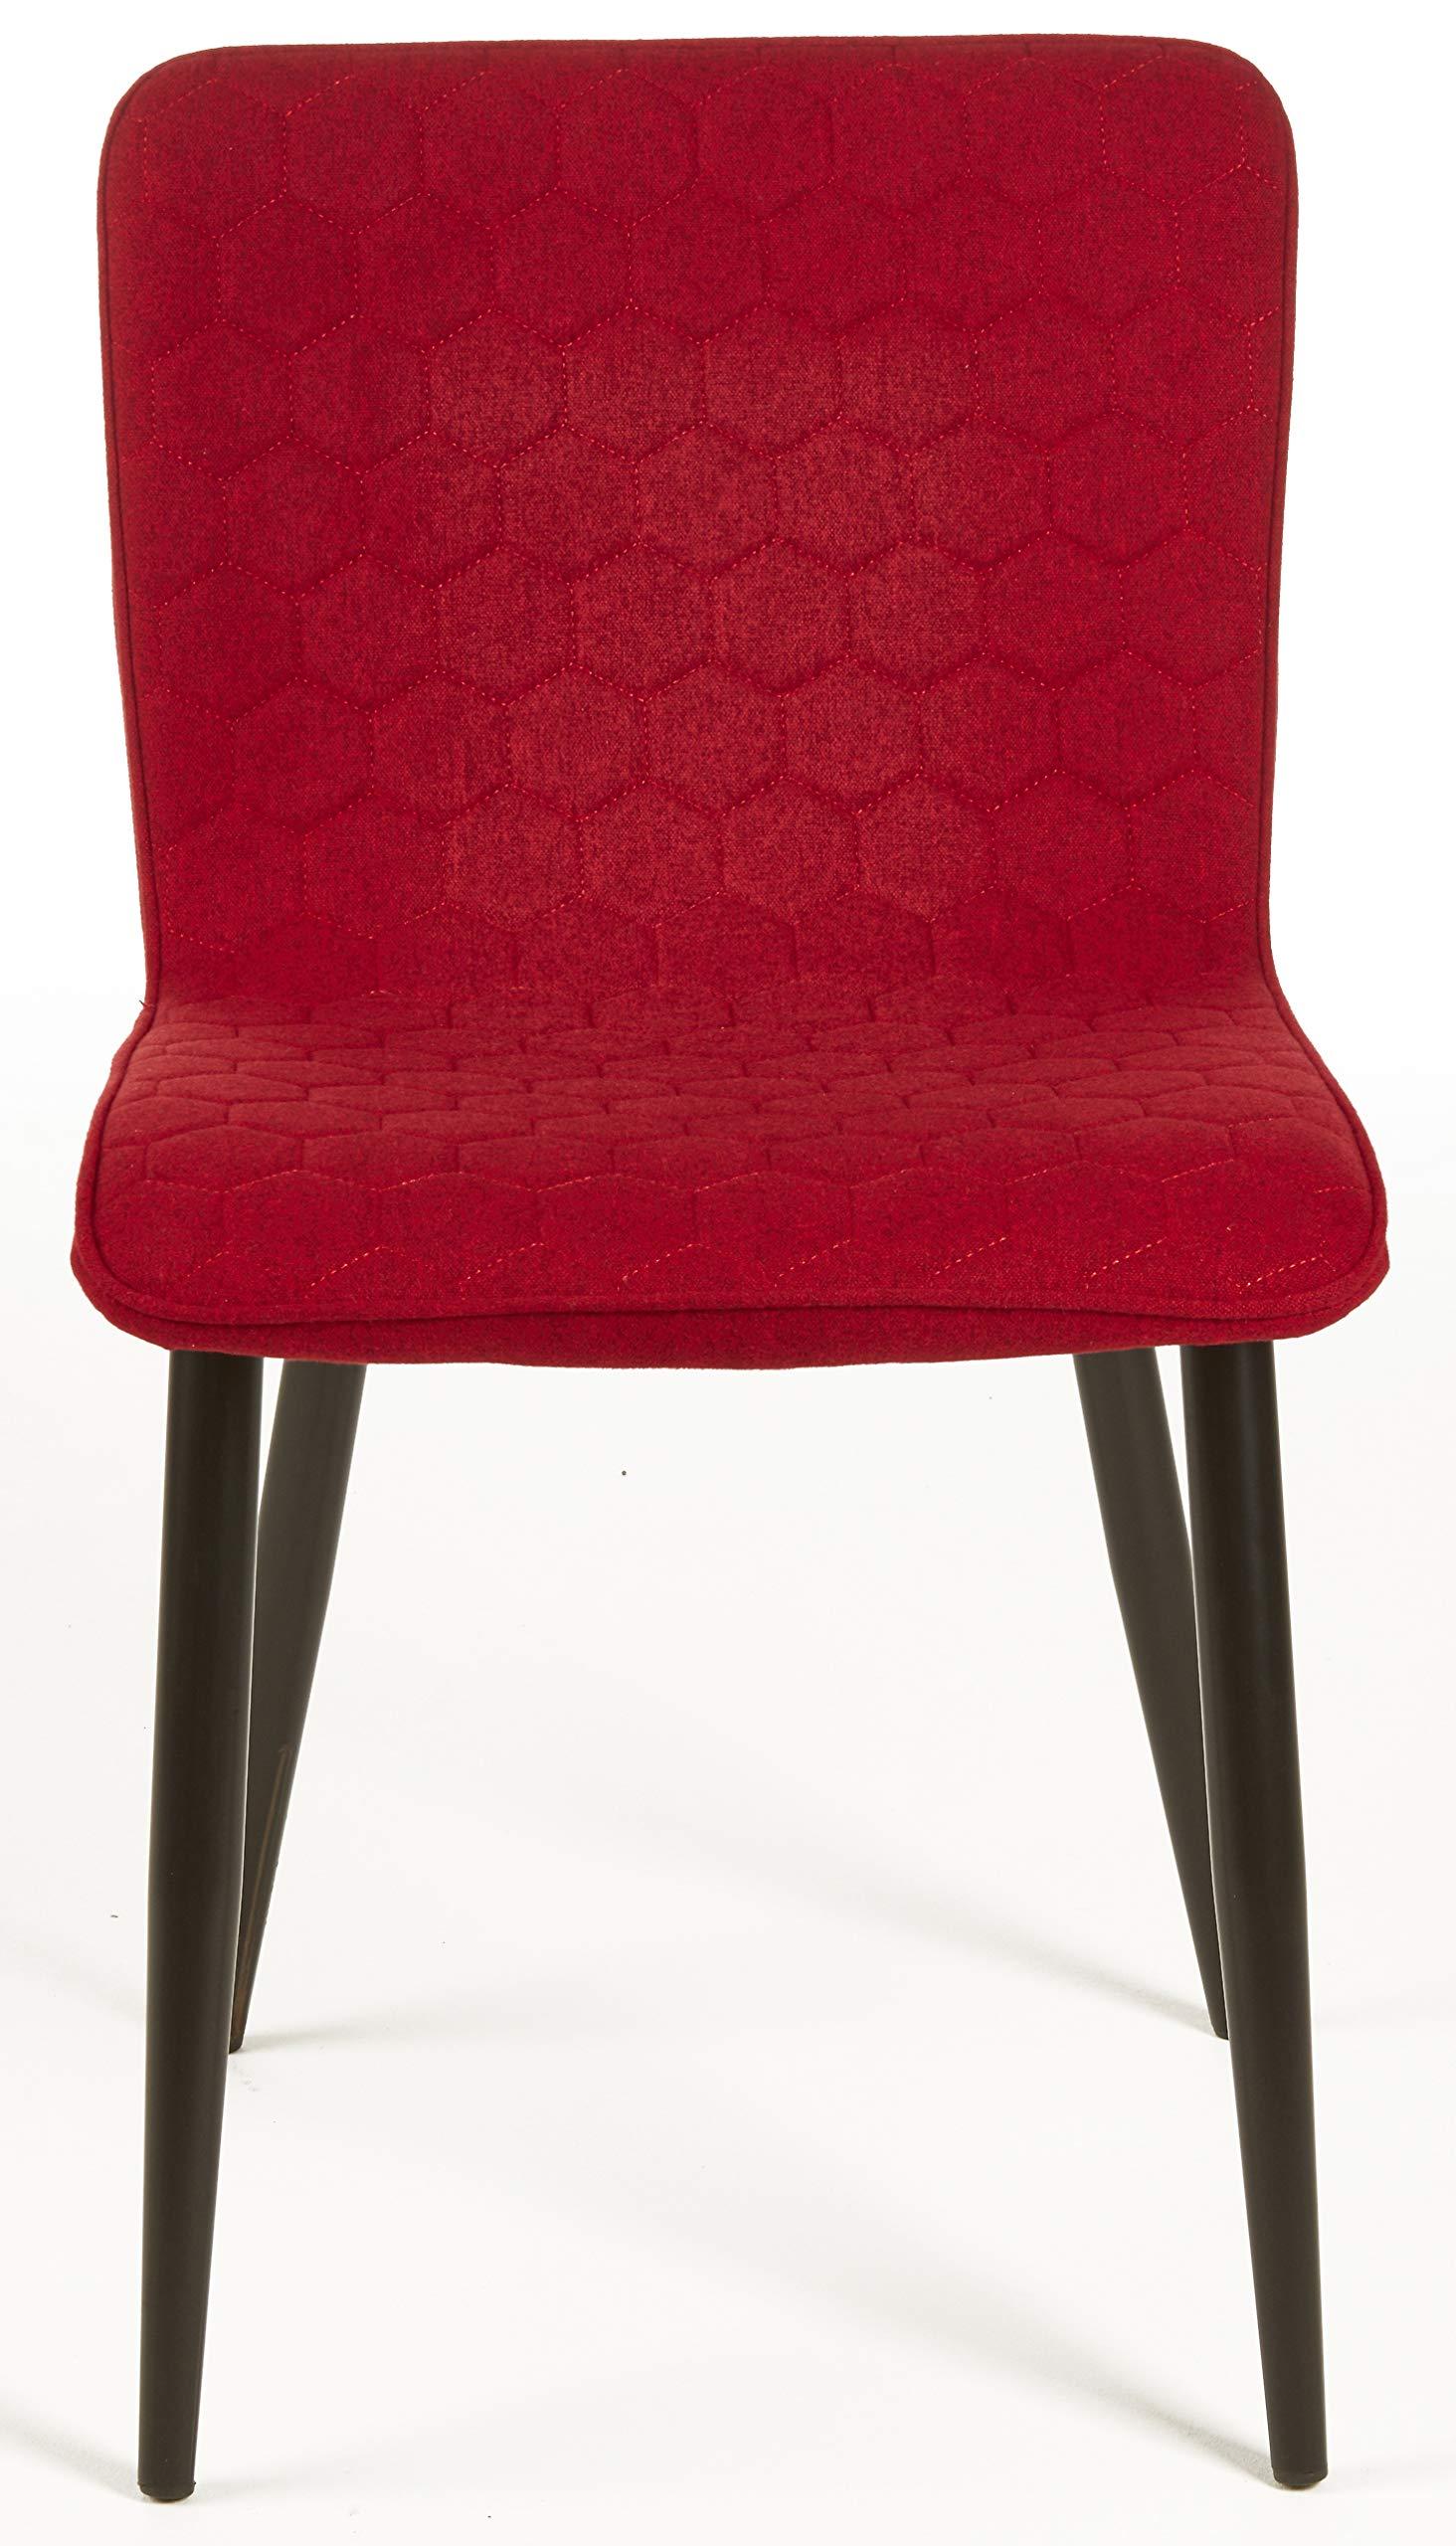 Sedia in Velluto Sala dattesa da Pranzo Gambe in Metallo per Soggiorno Cucina SDC0262-1 eSituro Poltroncina Grigia da Pranzo Camera da Letto da Salotto Design Elegante